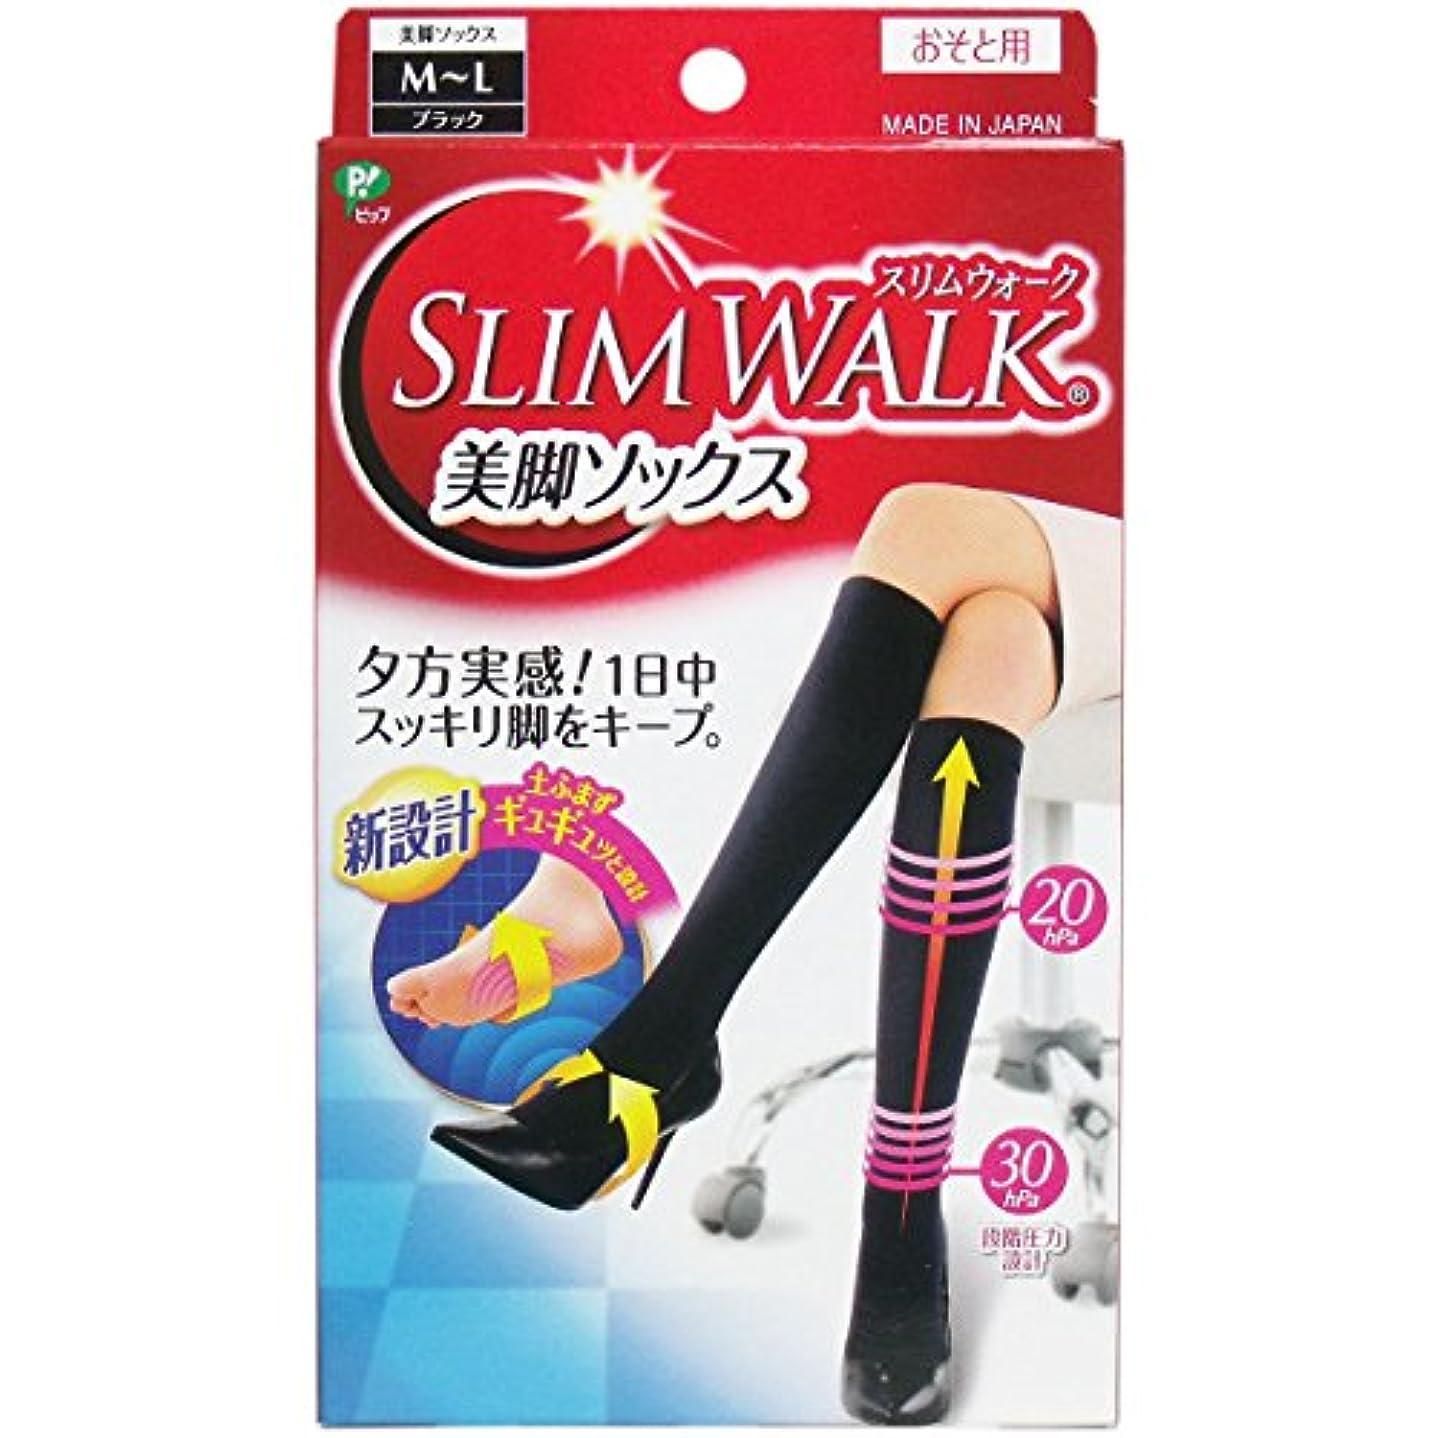 住居続編混乱【セット品】スリムウォーク 美脚ソックス M-Lサイズ ブラック(SLIM WALK,socks,ML) ×2個